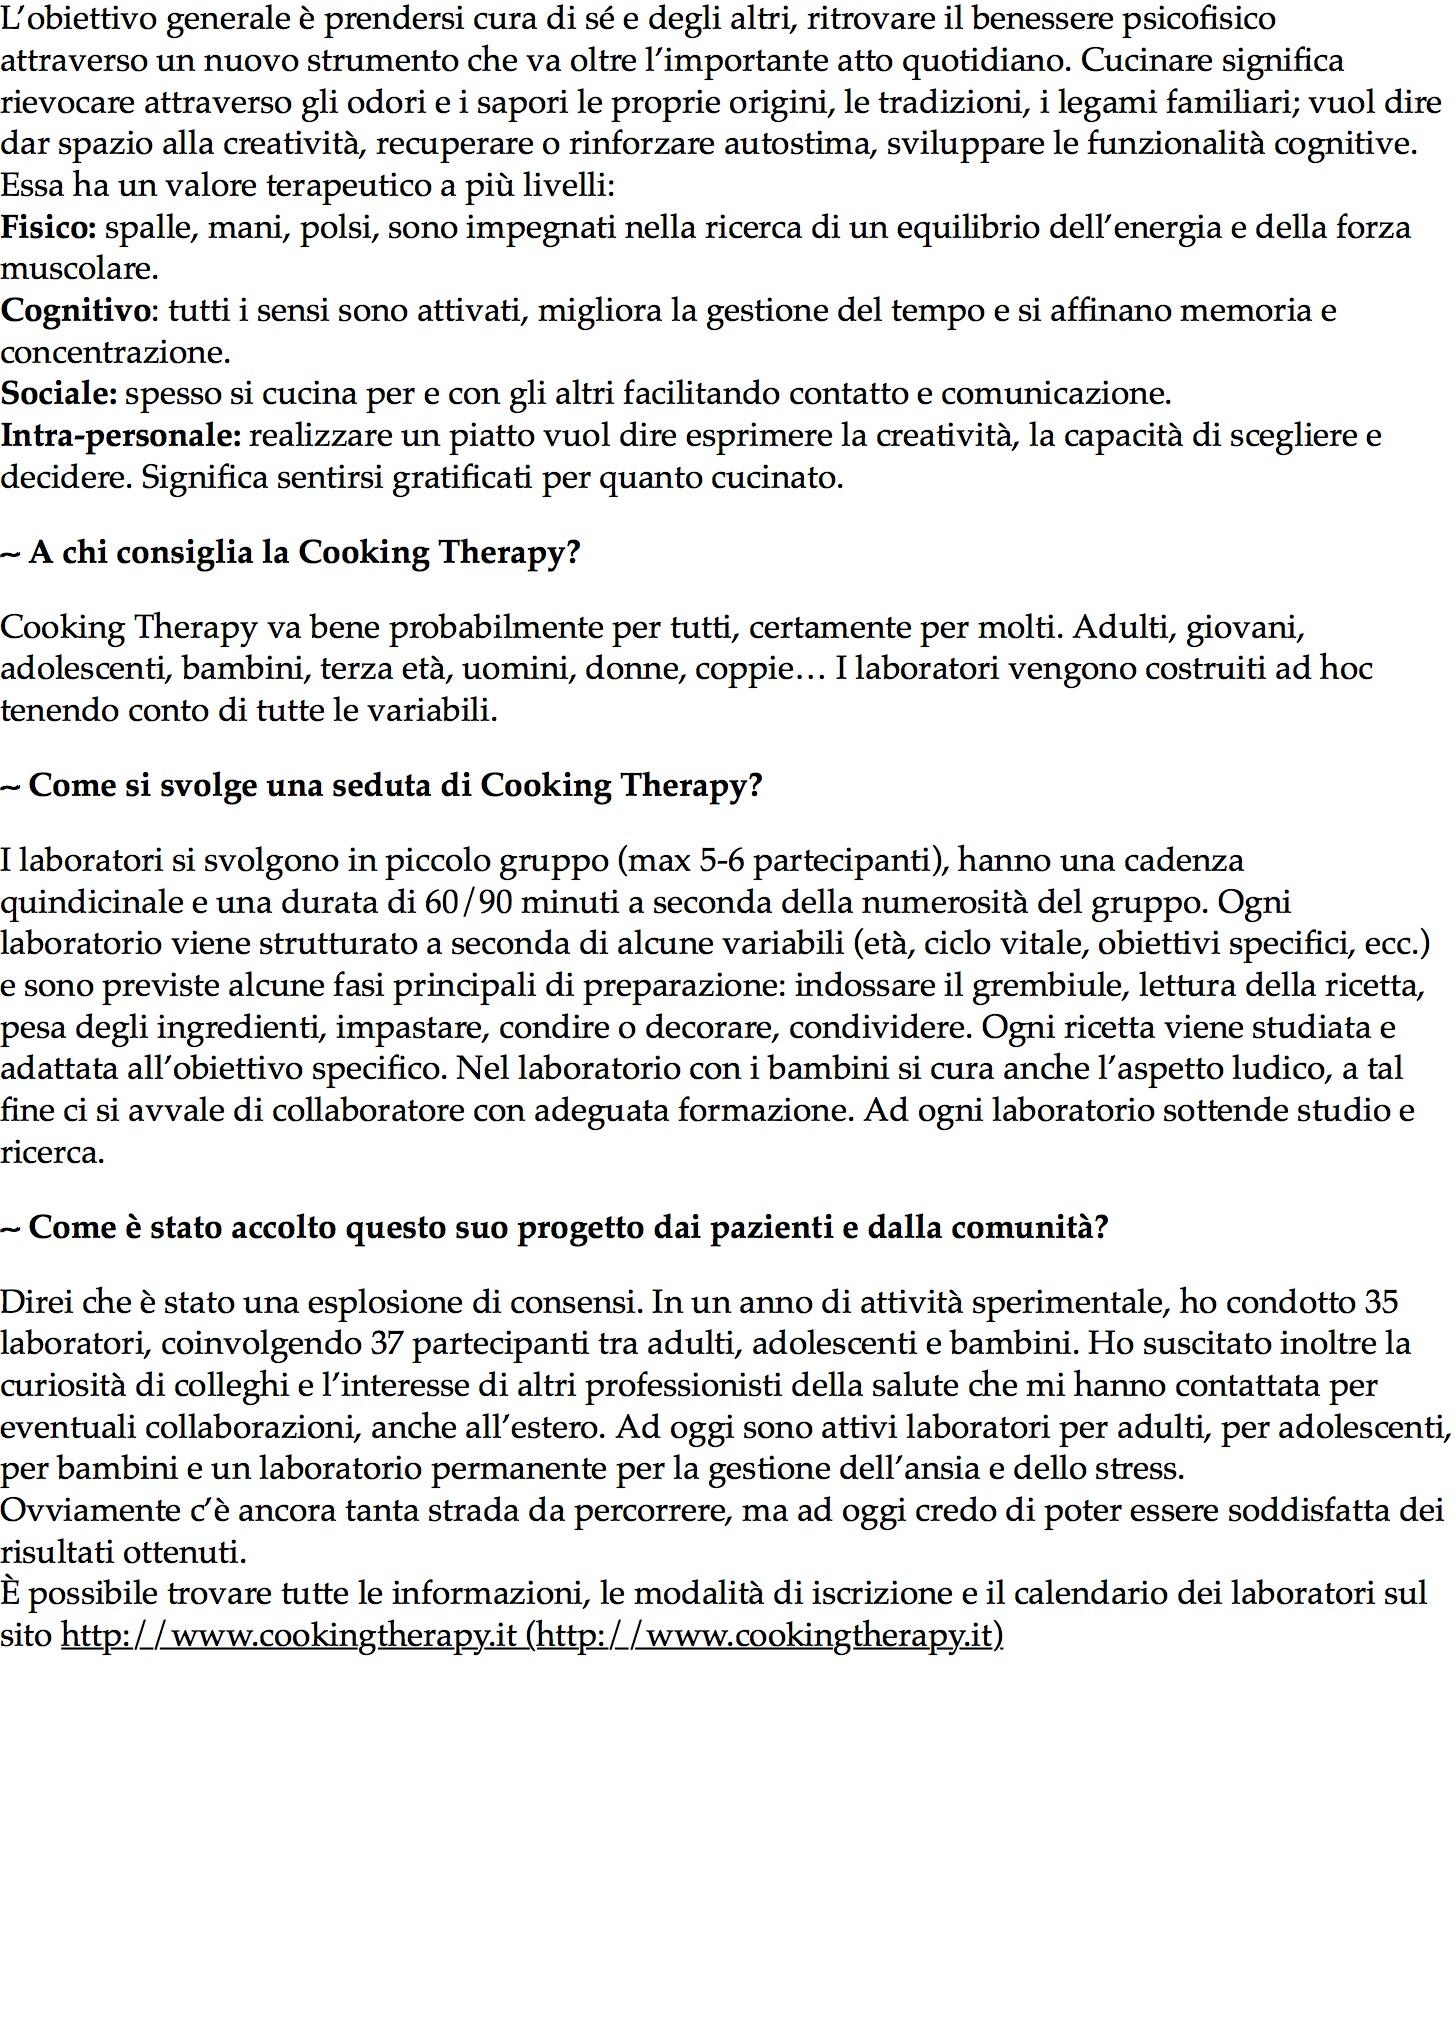 Settimana dedicata alla salute mentale: ritrovare il benessere psicofisico con la Cooking Therapy – 2.jpg